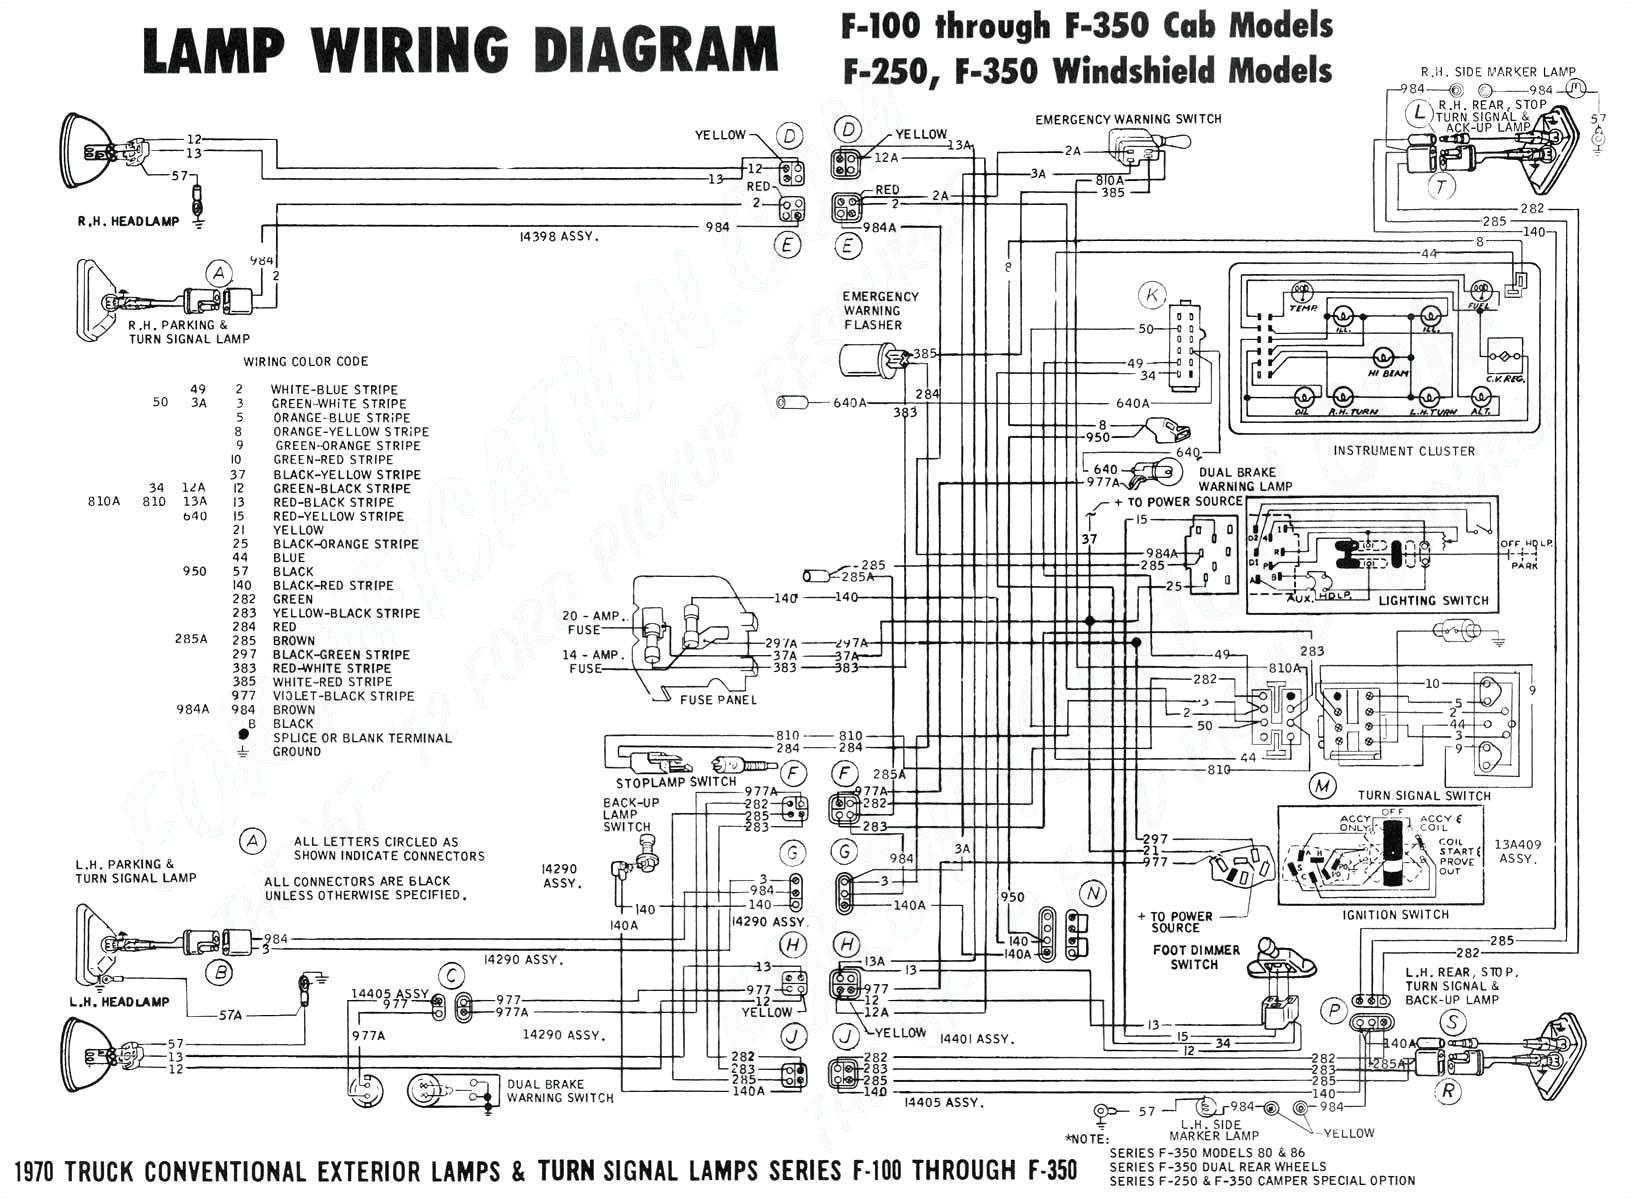 stop light wiring diagram 1967 c10 wiring diagram view stop light wiring diagram 1967 c10